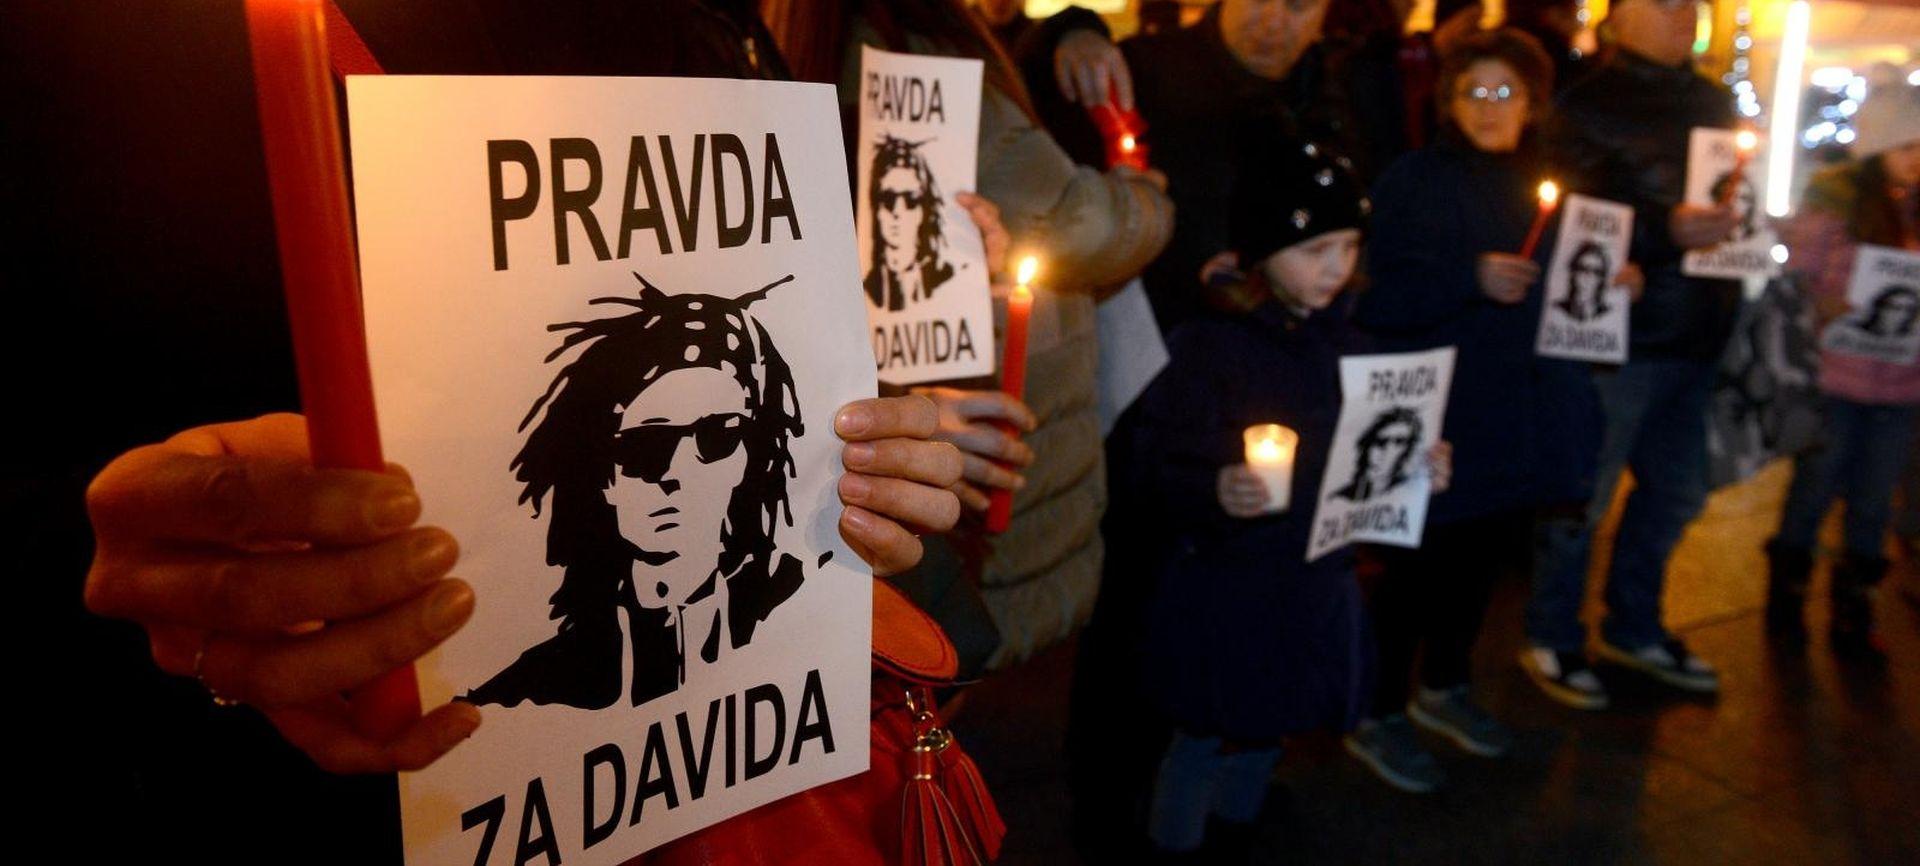 """BANJA LUKA Policija zabranila sve prosvjede skupine """"Pravda za Davida"""""""